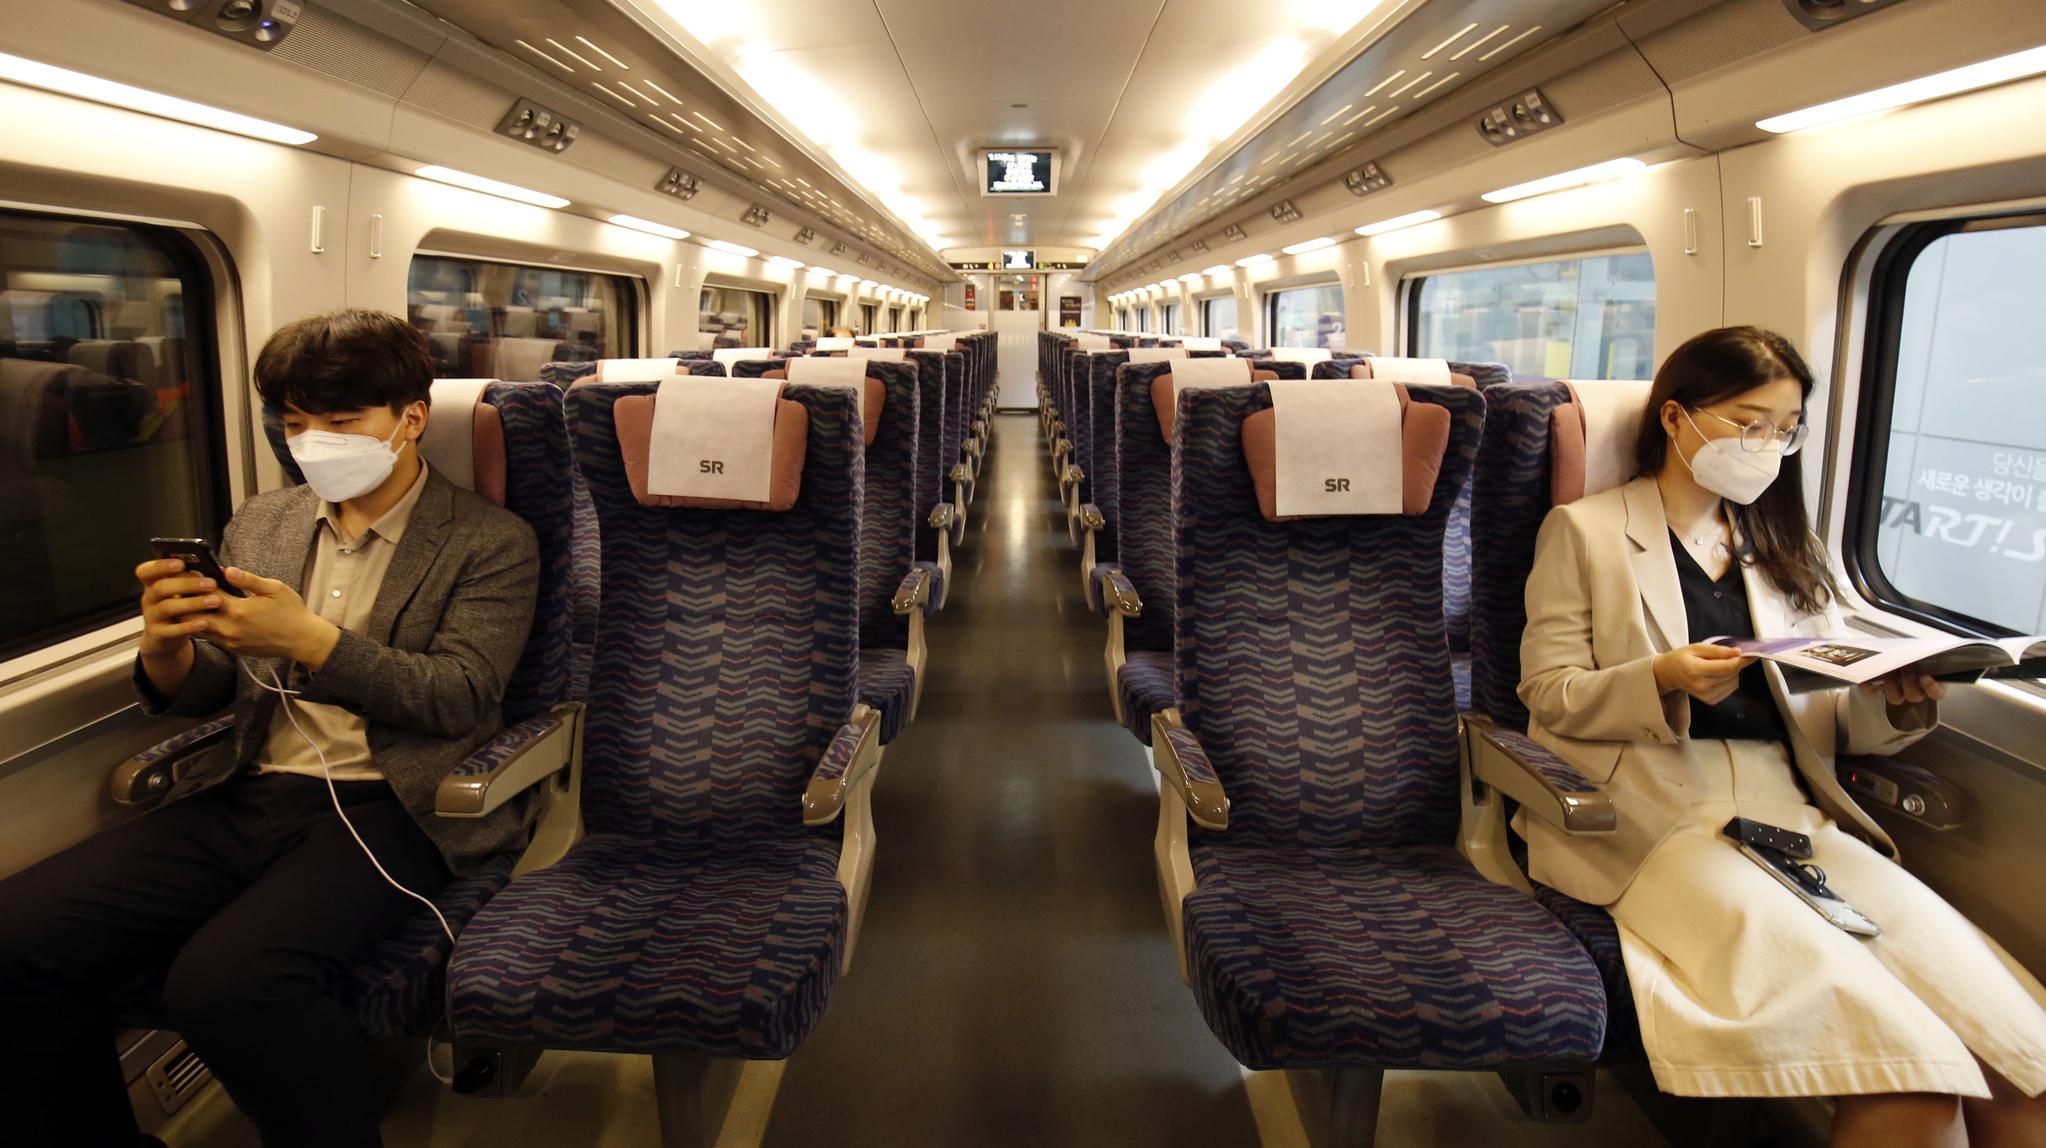 추석 연휴 기간 열차내 거리두기가 한층 강화된다. [사진 SR]